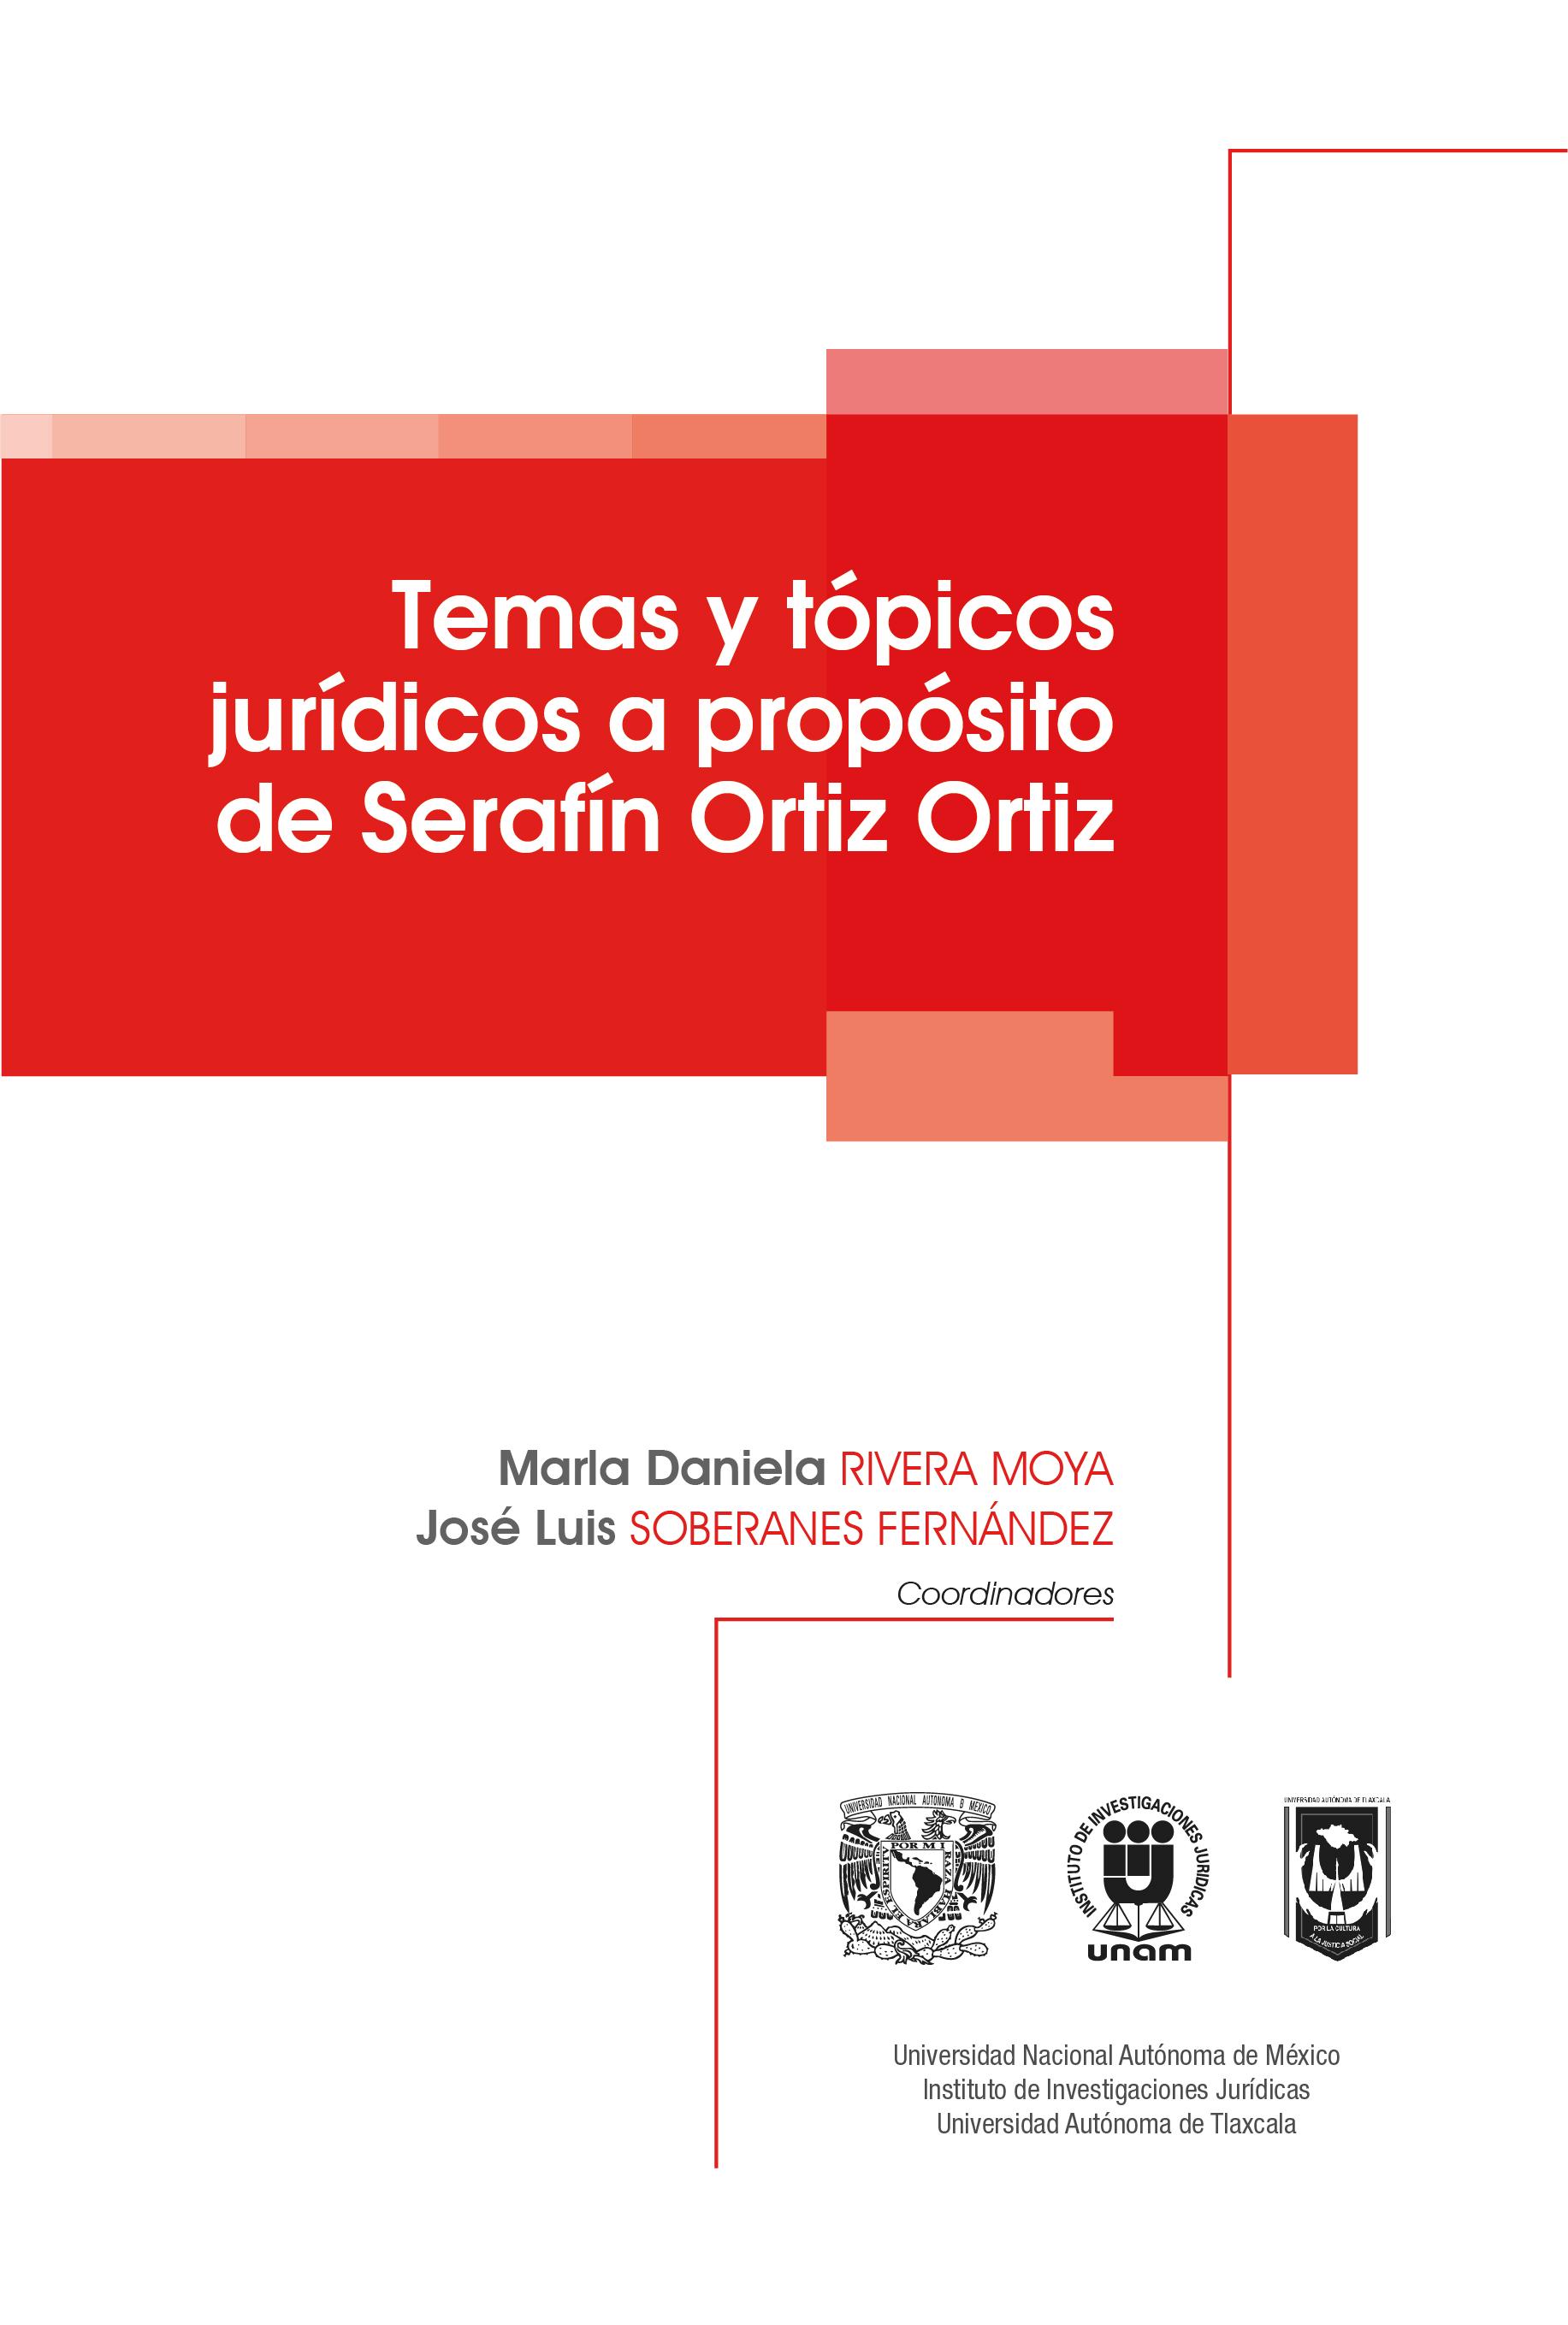 Temas y tópicos jurídicos a propósito de Serafín Ortiz Ortiz